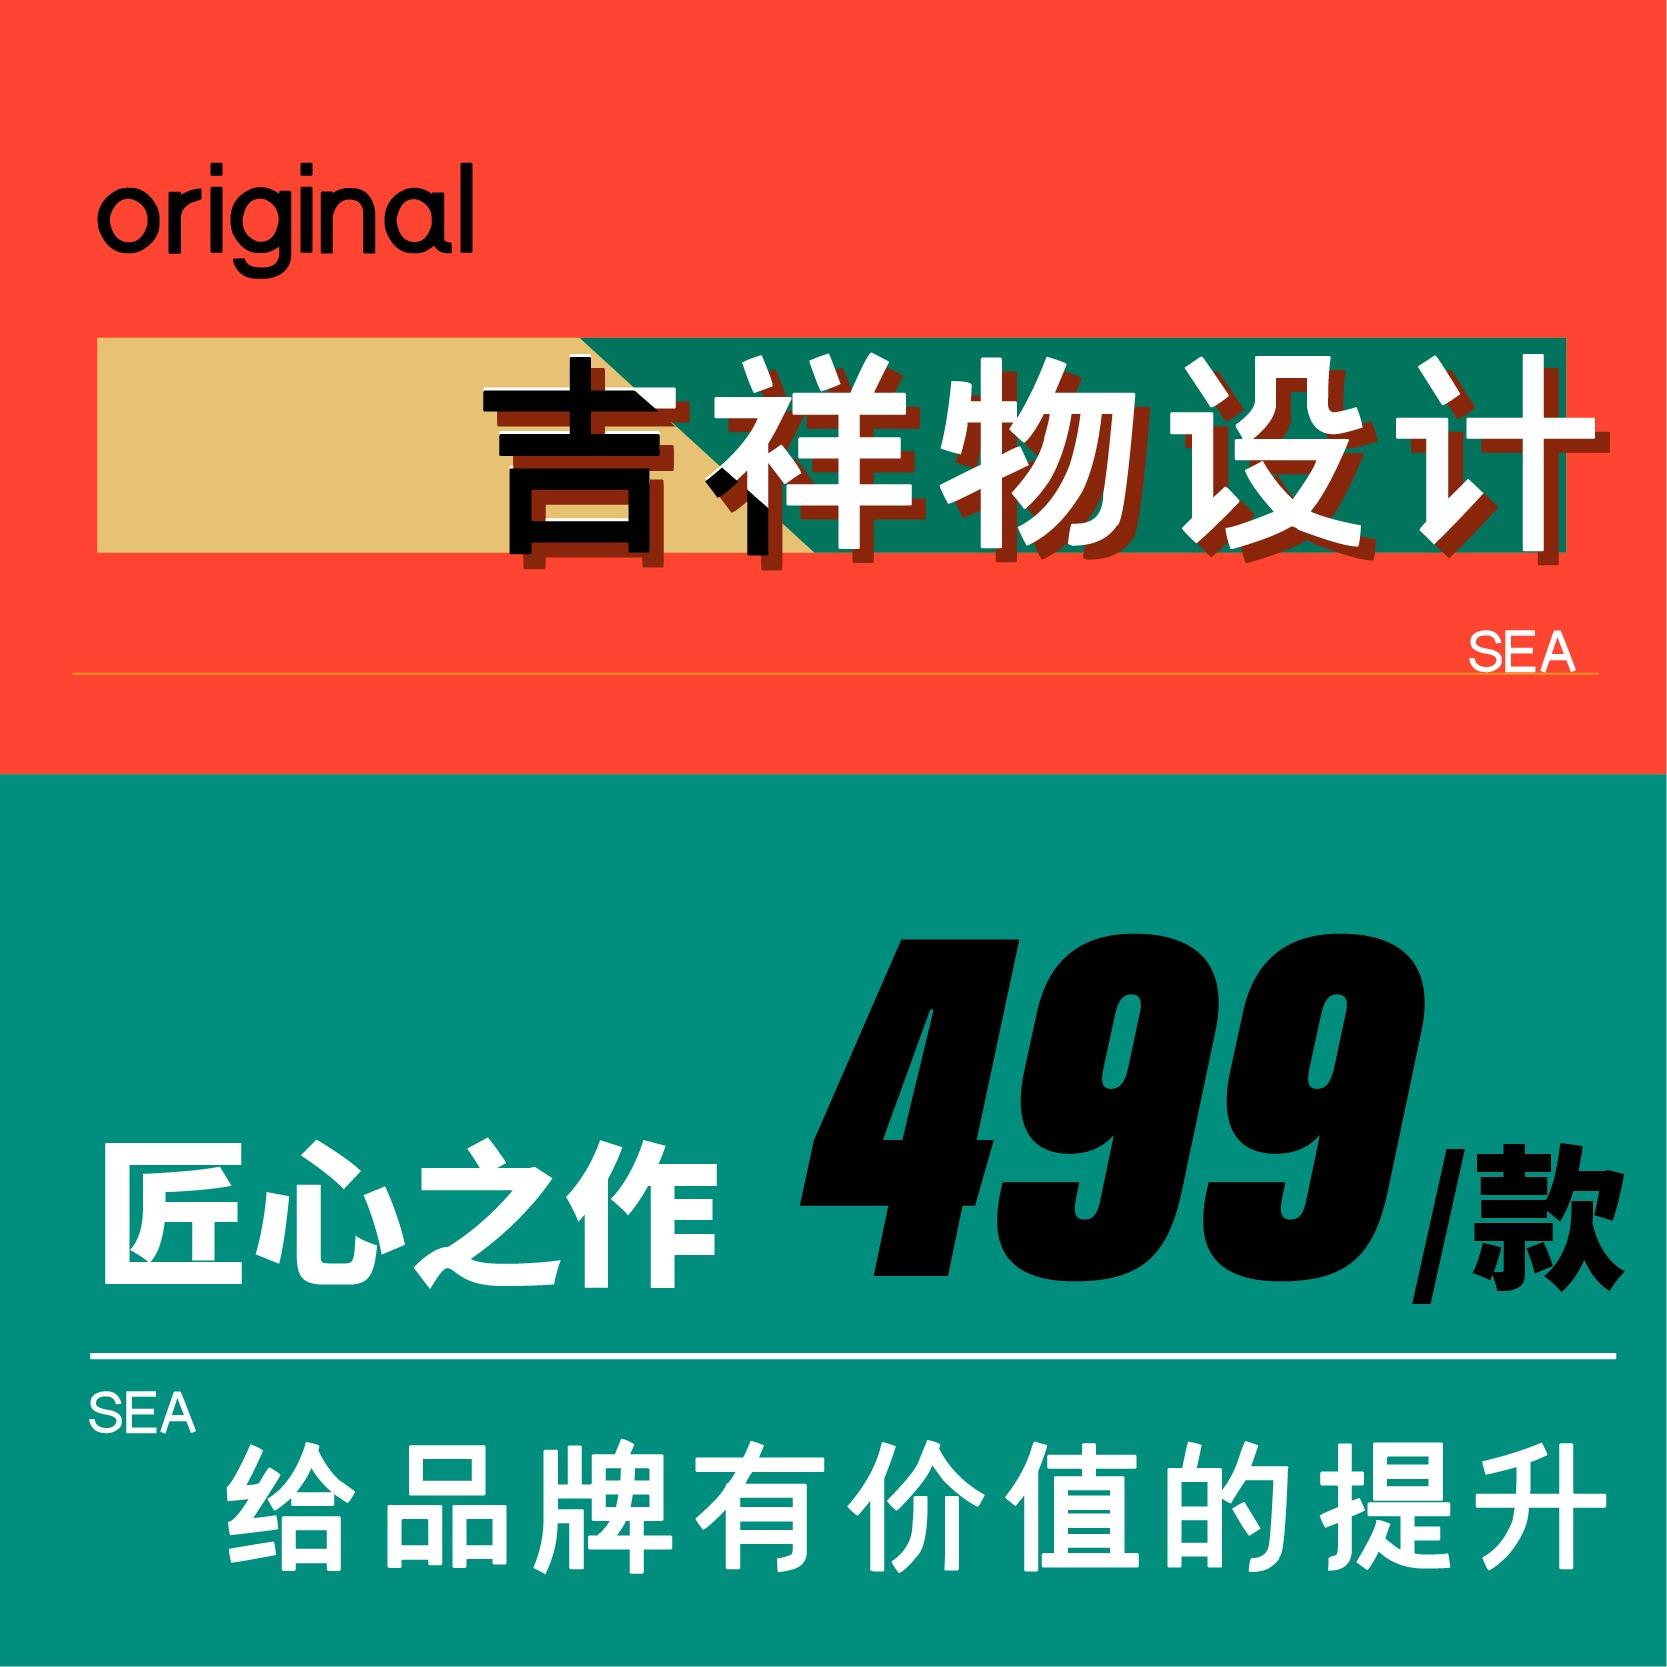 企业IP形象商用卡通人物吉祥物形象商标vi前期ui广告设计